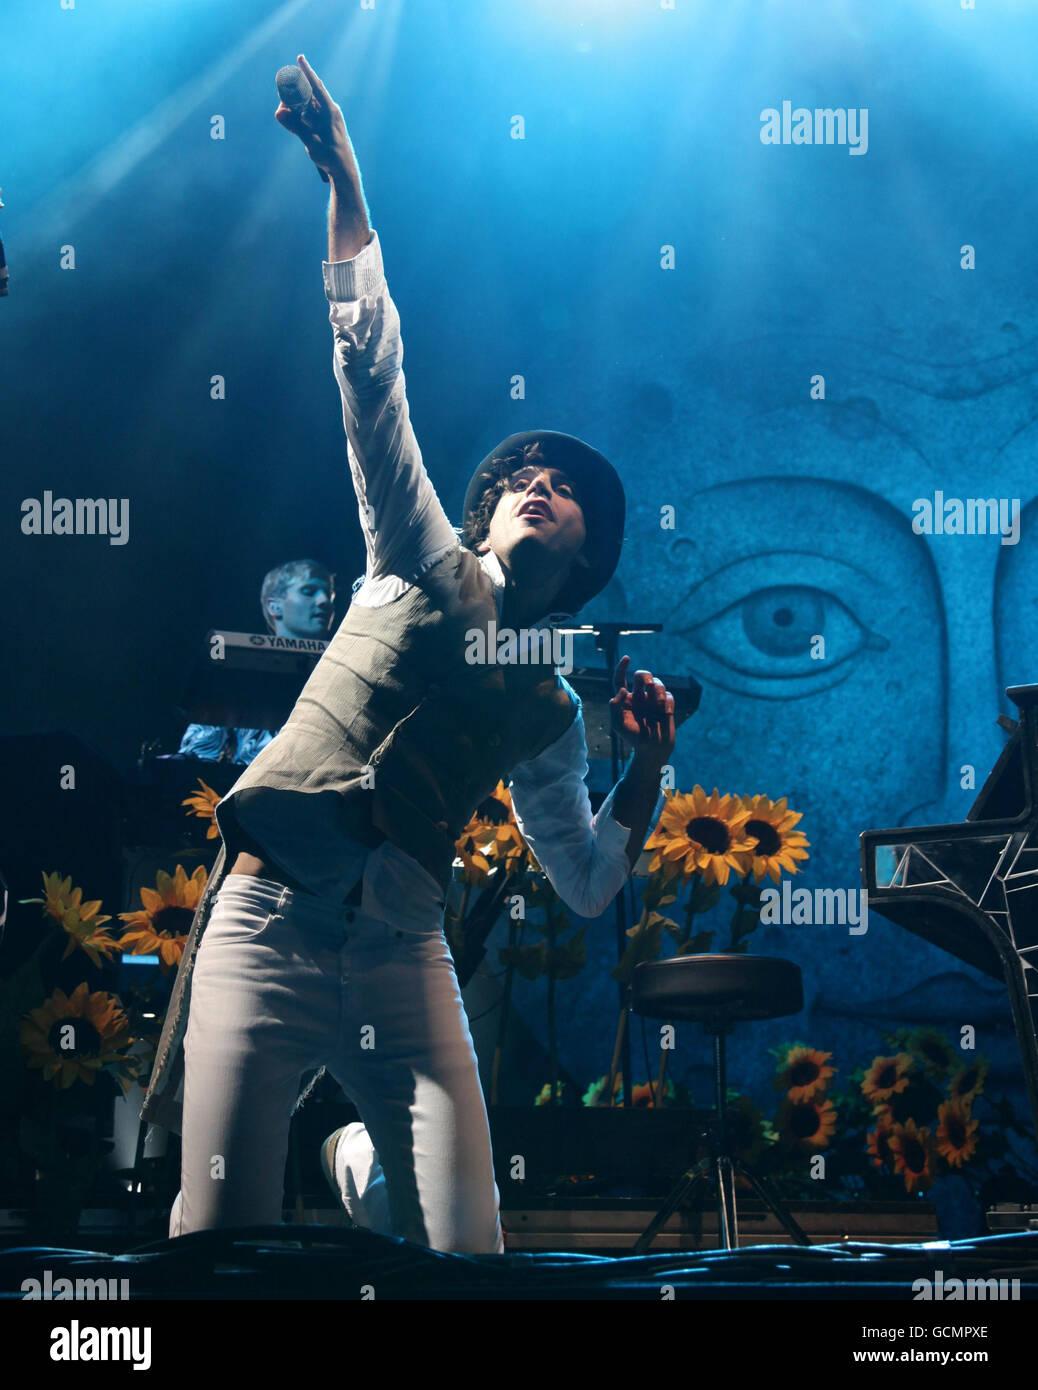 V Festival 2010 - Chelmsford Banque D'Images